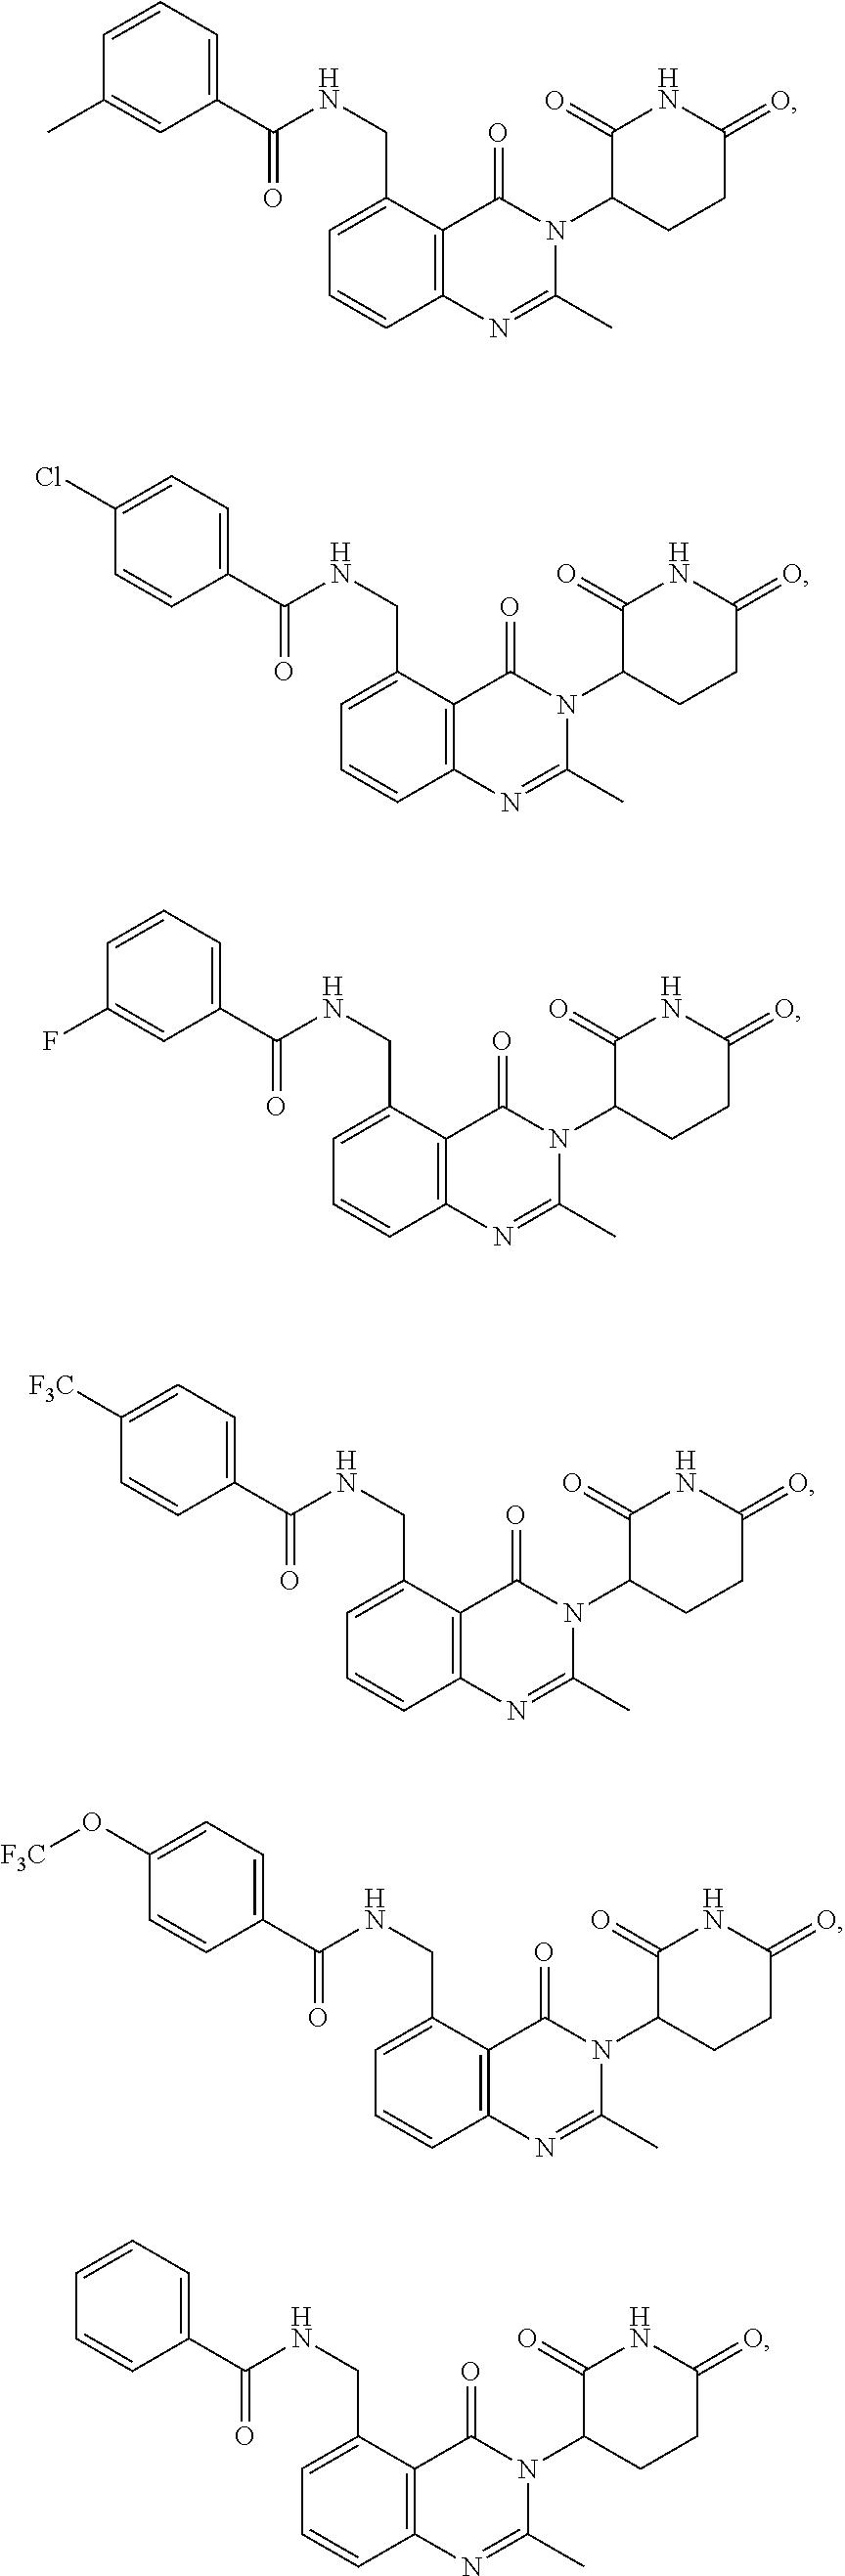 Figure US09587281-20170307-C00041